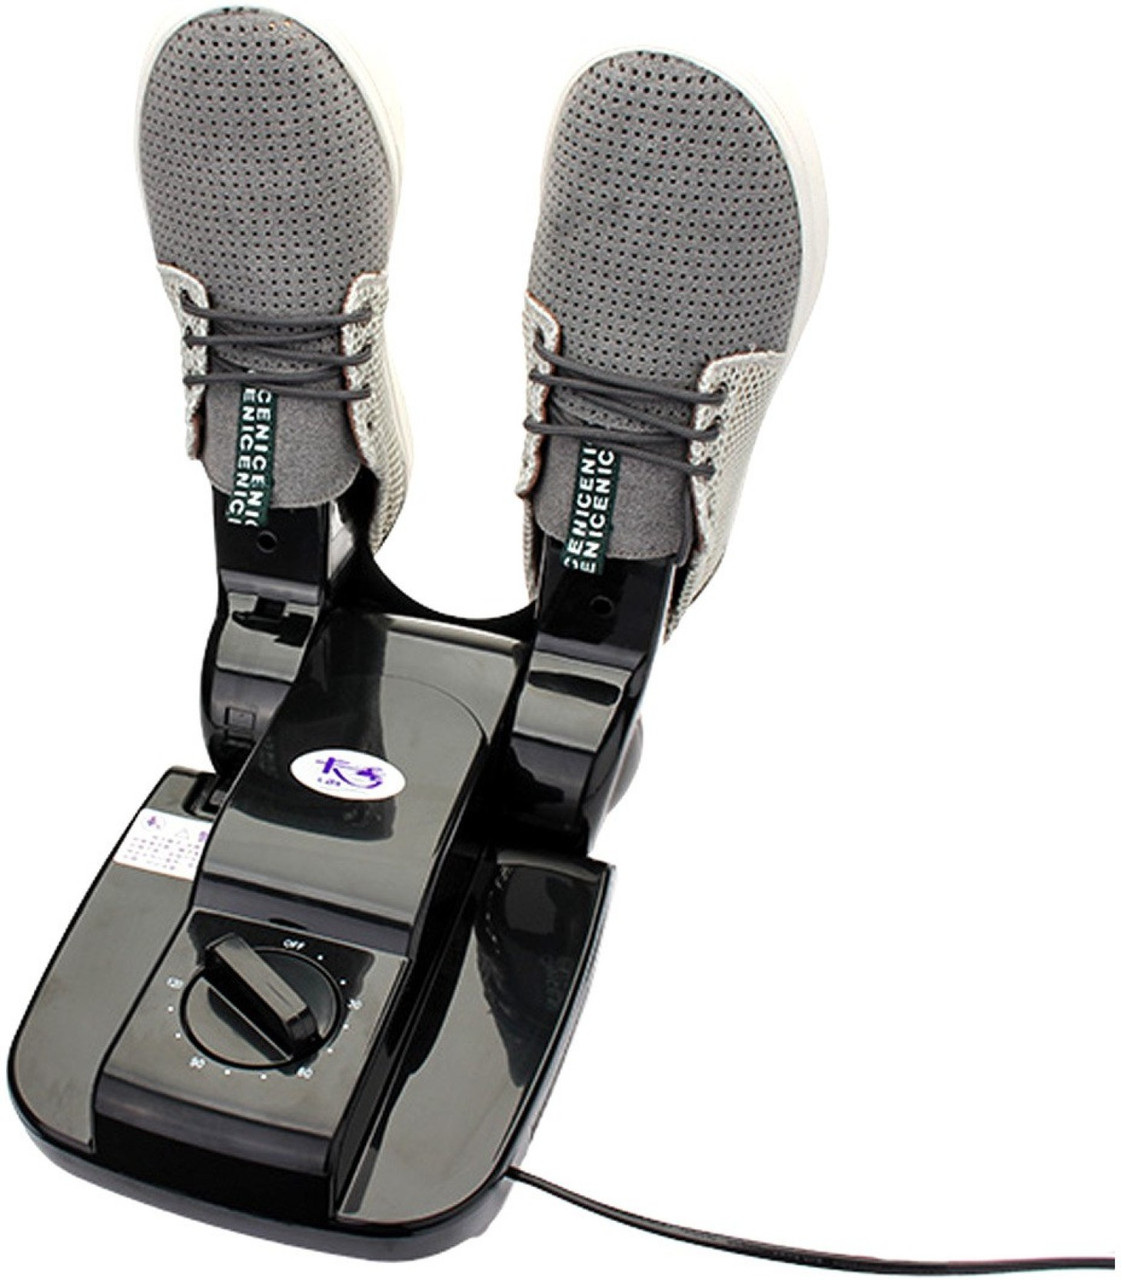 Сушилка-фен для обуви портативная, складная - фото 1